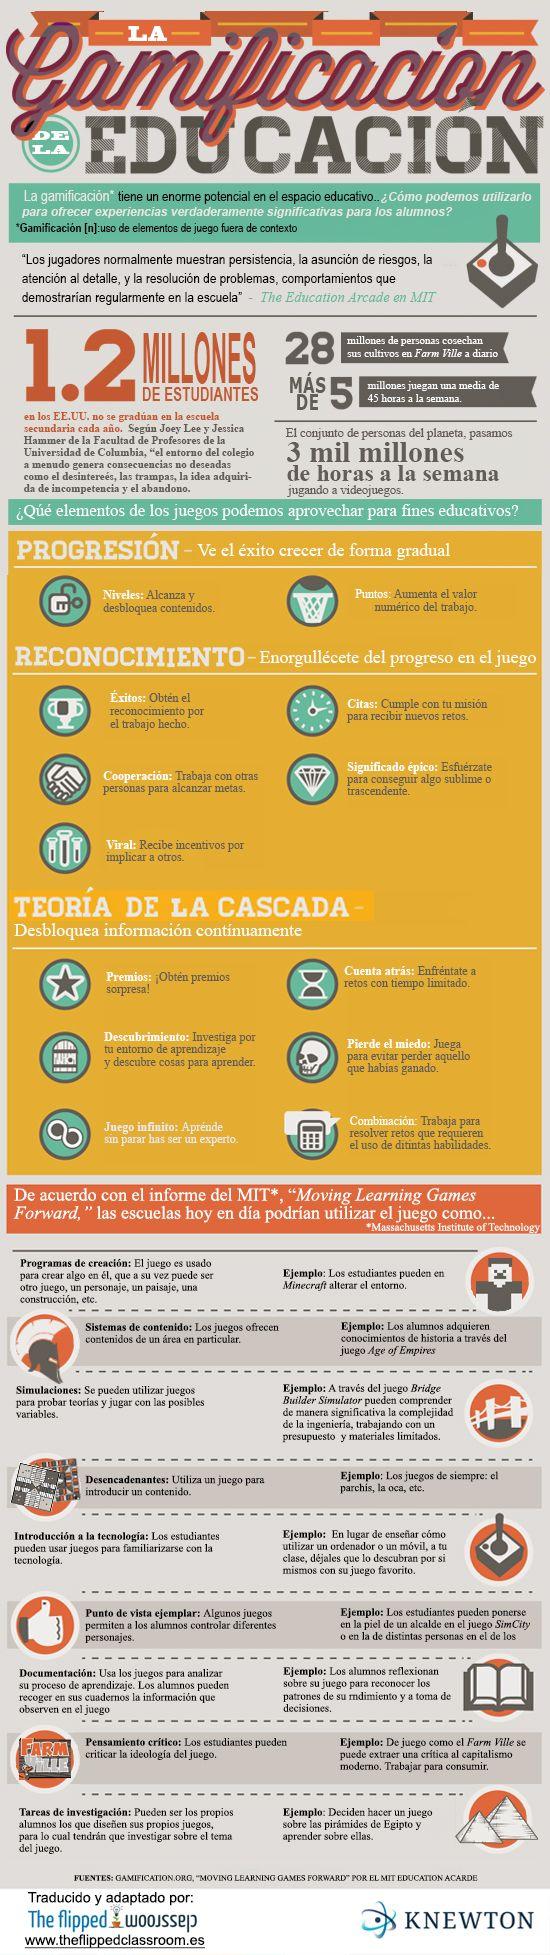 Gamificación de la educación para ofrecer al alumnado experiencias significativas de aprendizaje.